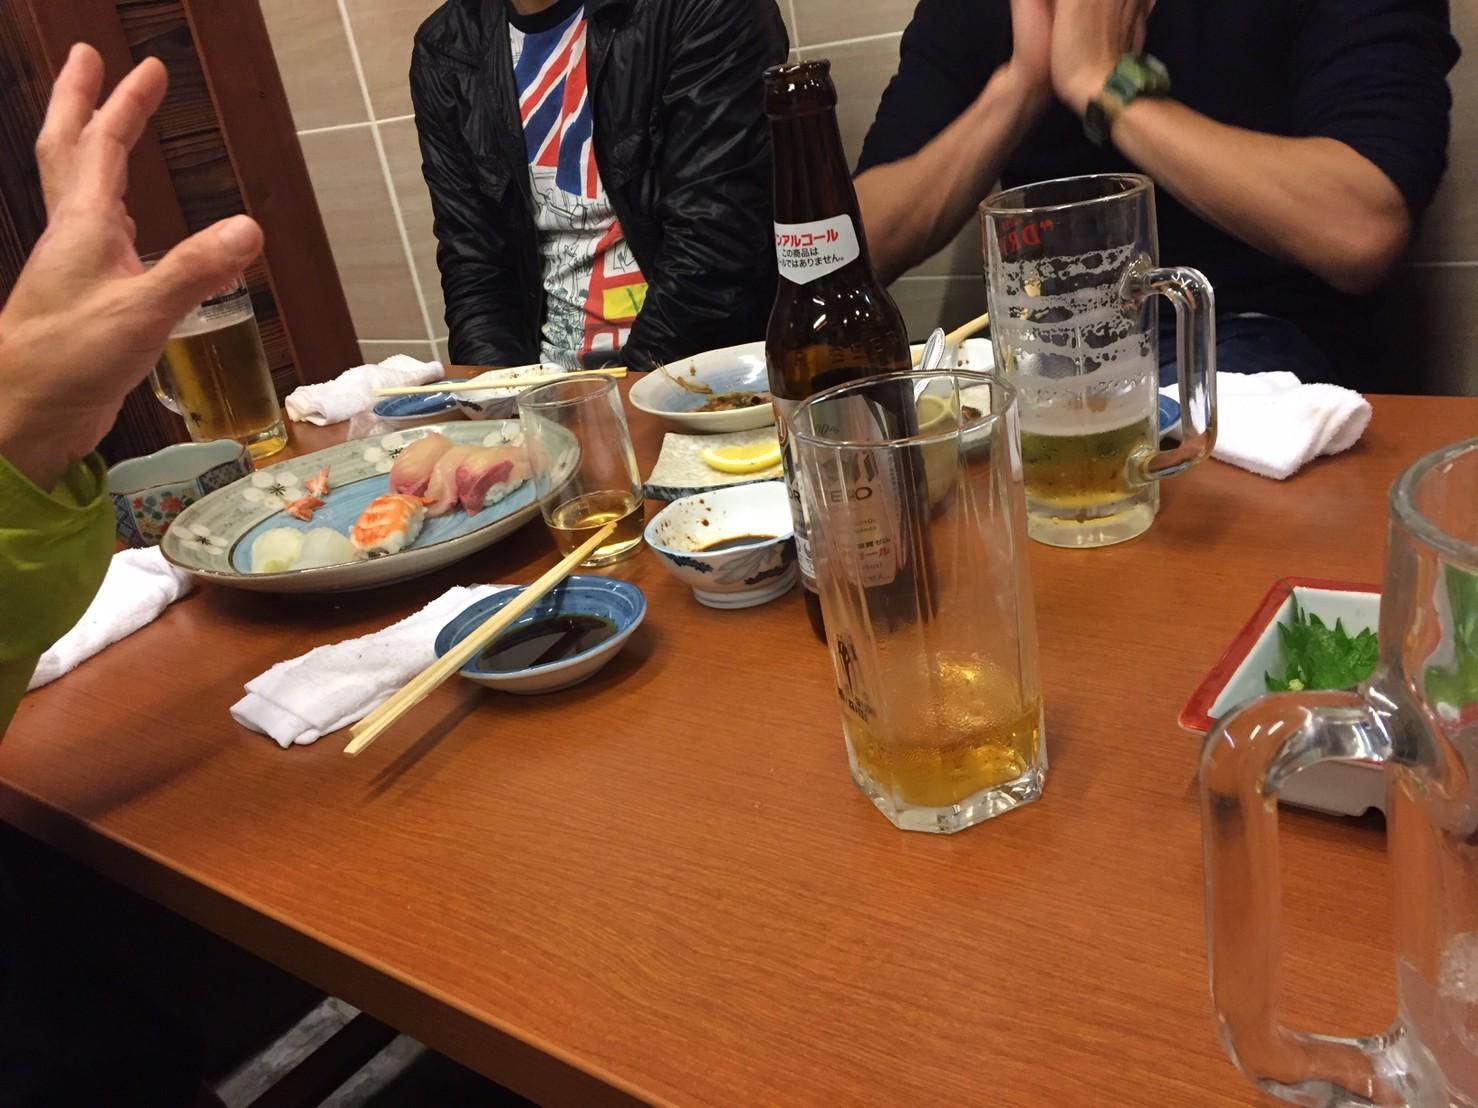 ひょうたん  (鳥取マラソン2019エイドスタッフ打ち上げ)_e0115904_22265001.jpg